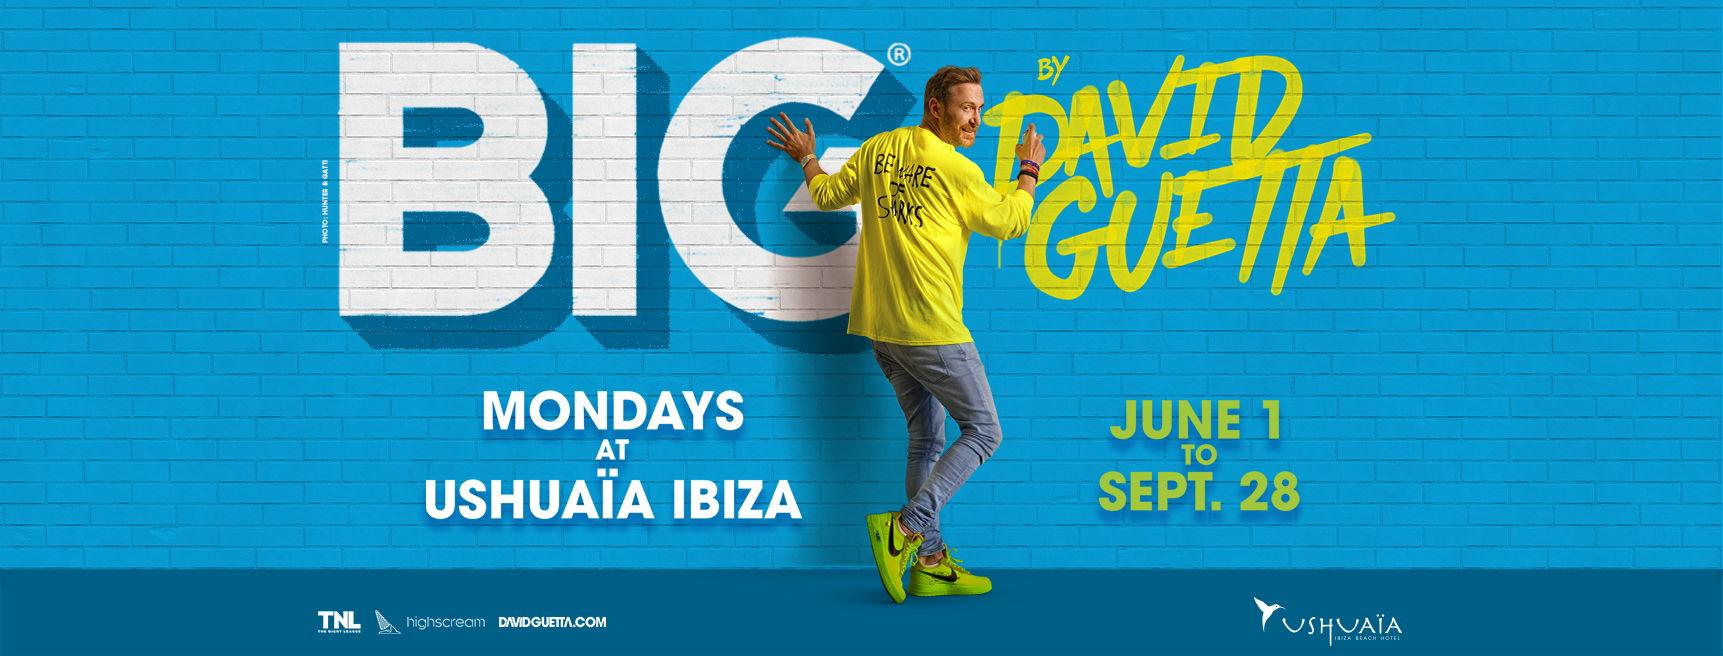 BIG David guetta 2020 news 2020 season Ibiza party calendar